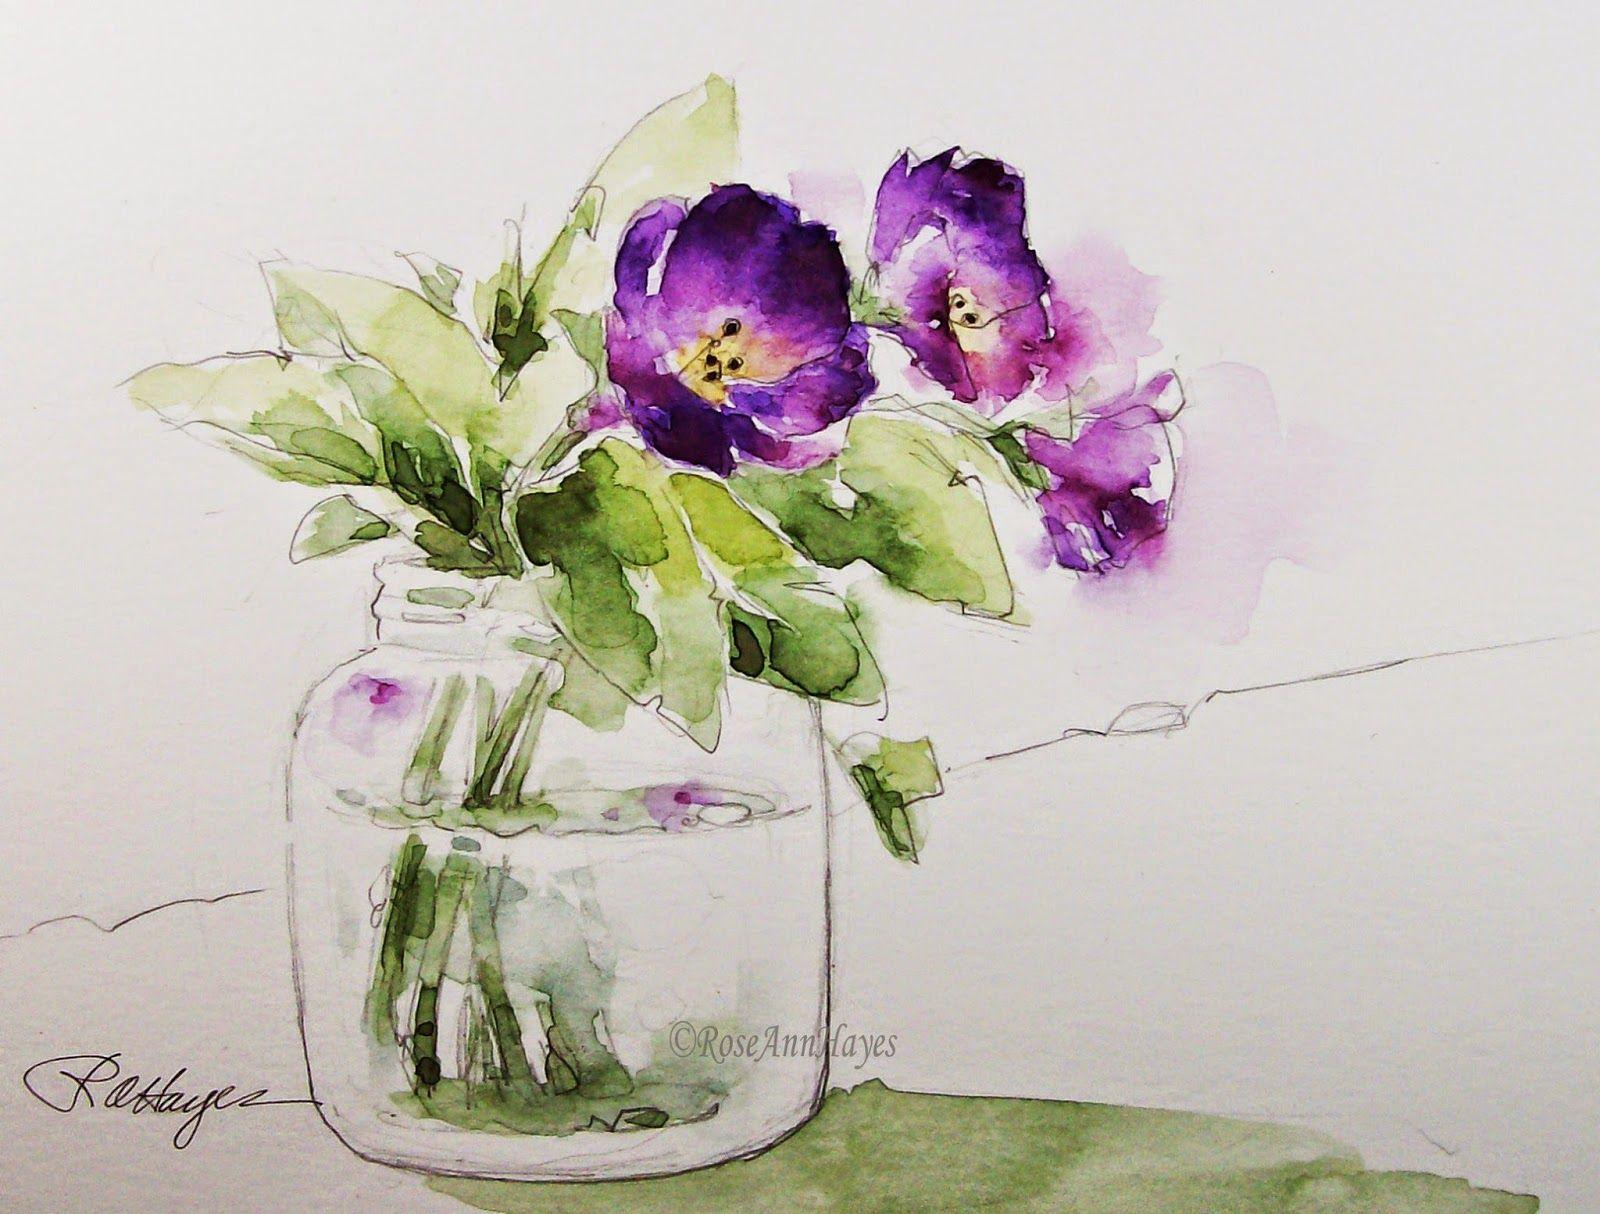 watercolor paintings of flowers - HD1600×1214